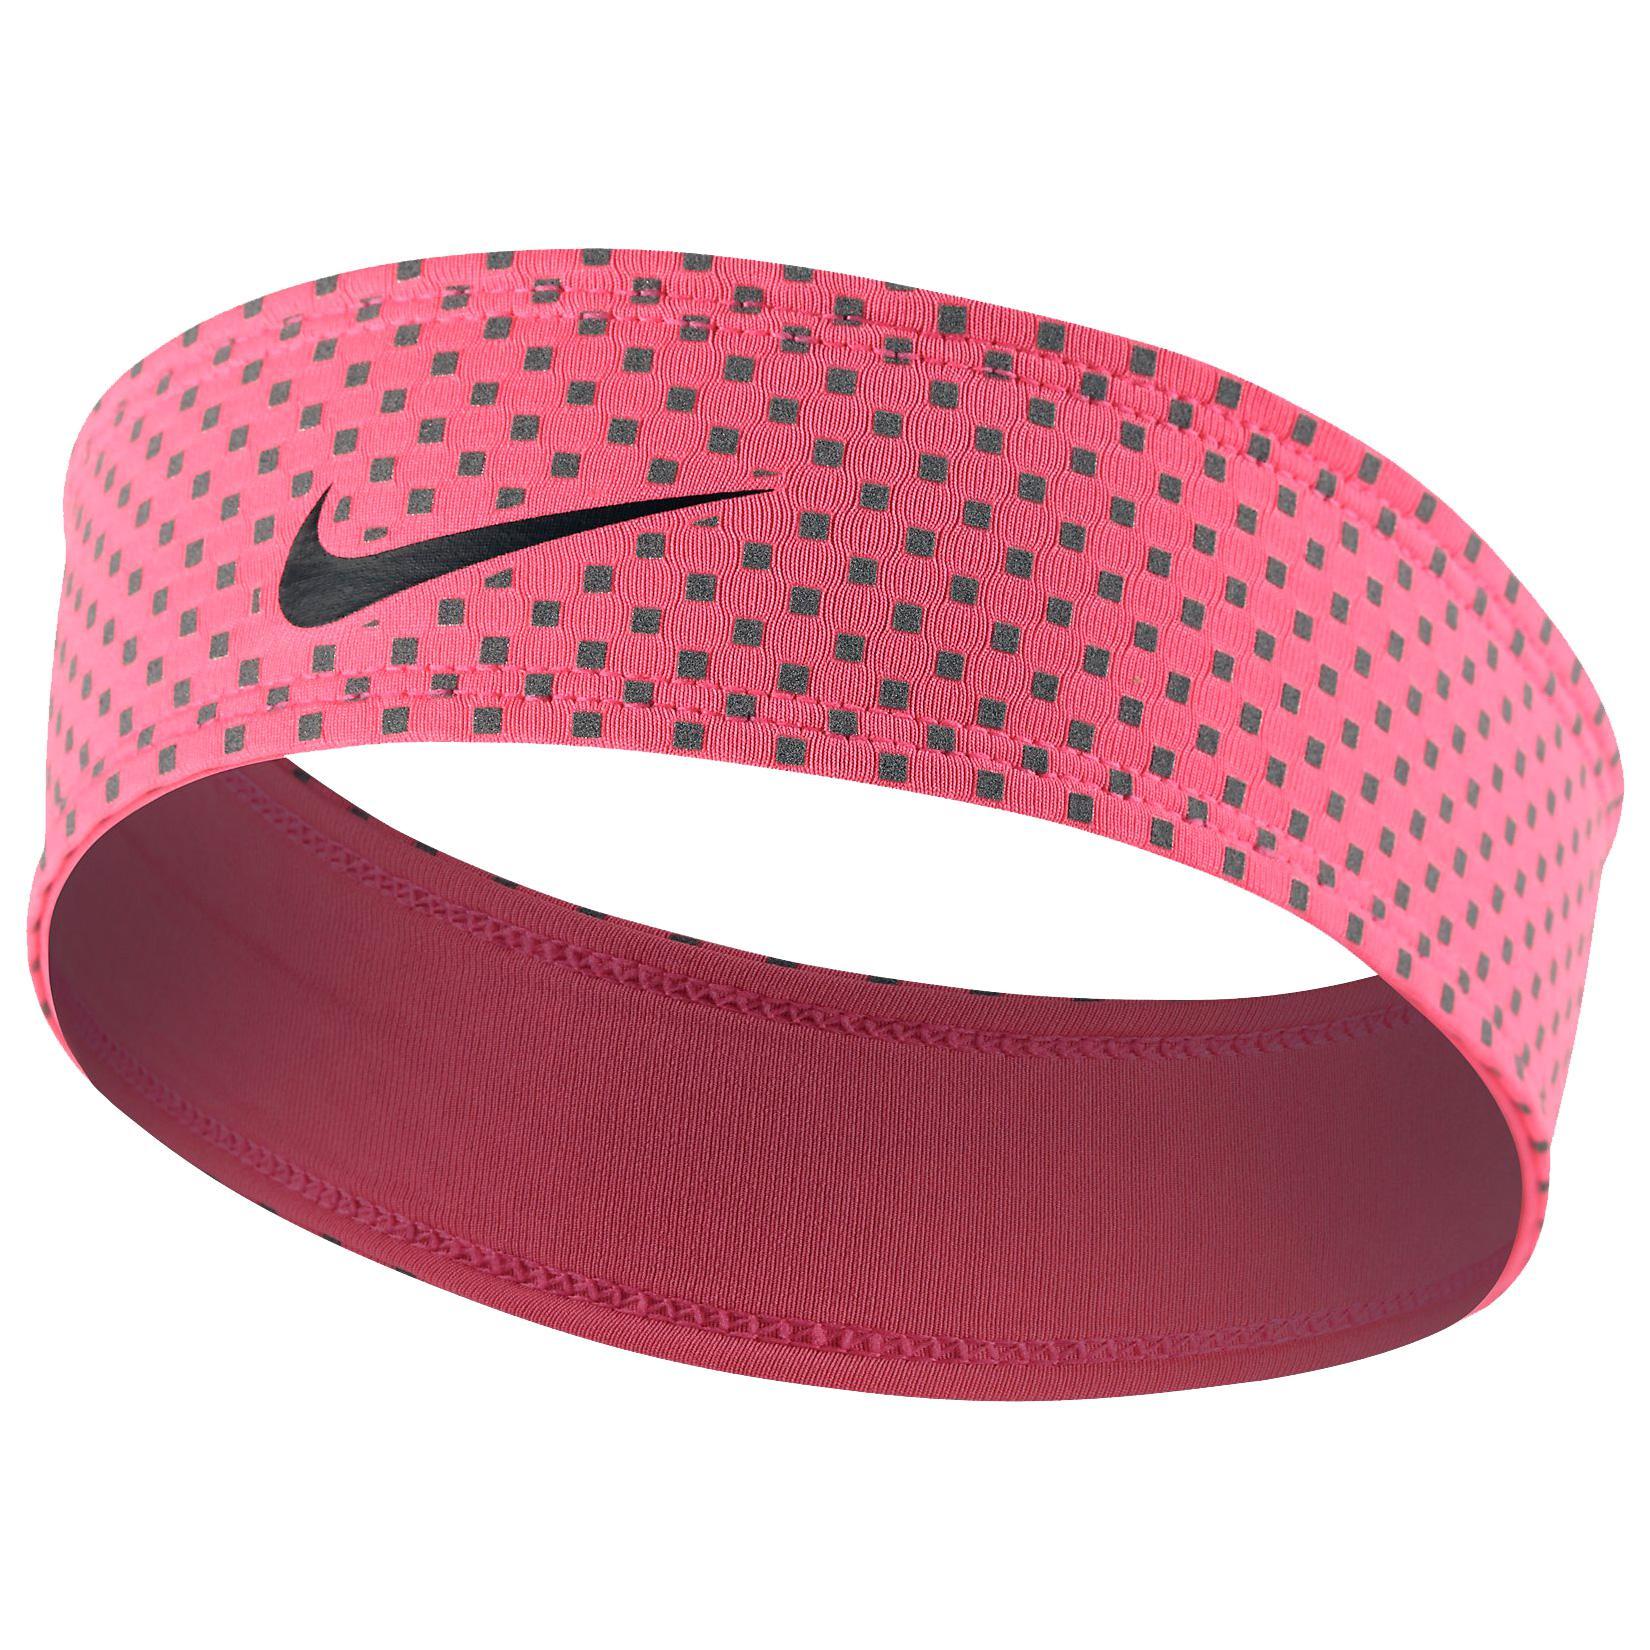 Nike Dri-FIT 360 Headband - Hyper Pink - Tennisnuts.com fcff0c319cf